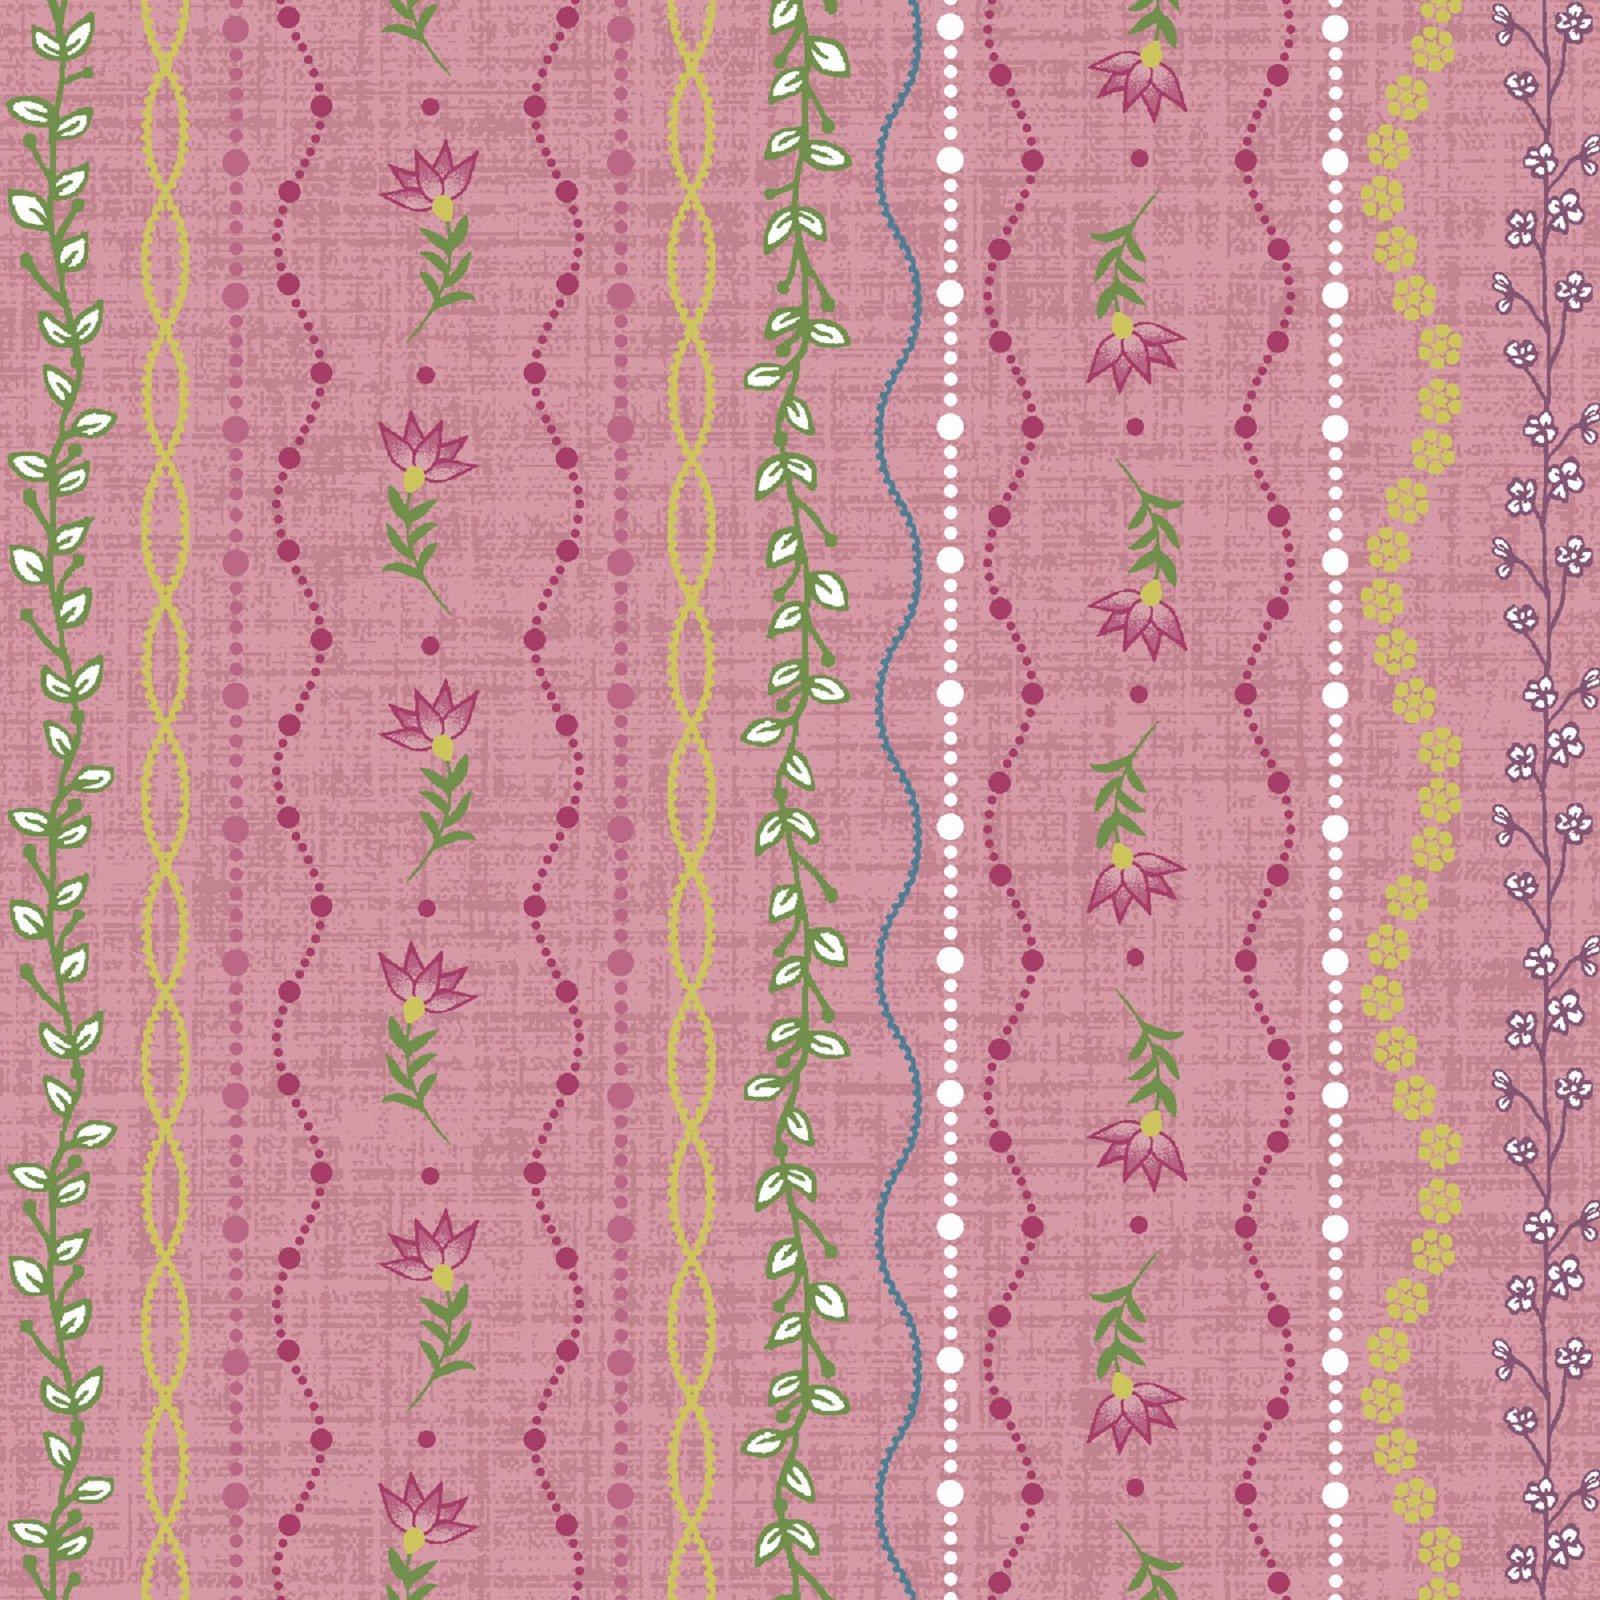 Flower & Vine - Stripe - Pink